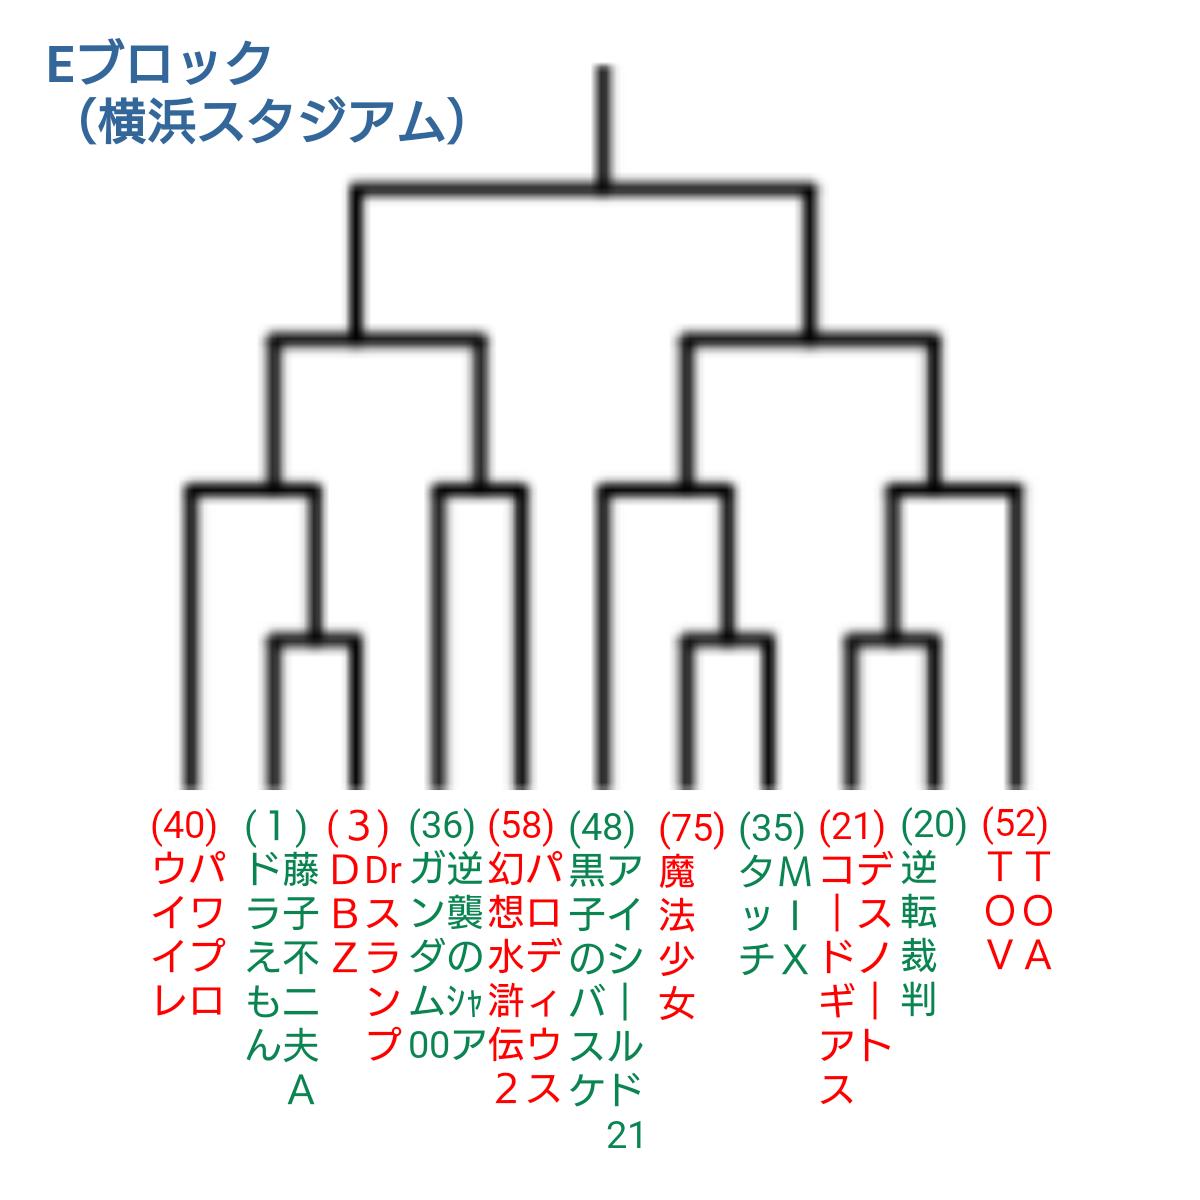 f:id:kinokomagic:20201230022633p:plain